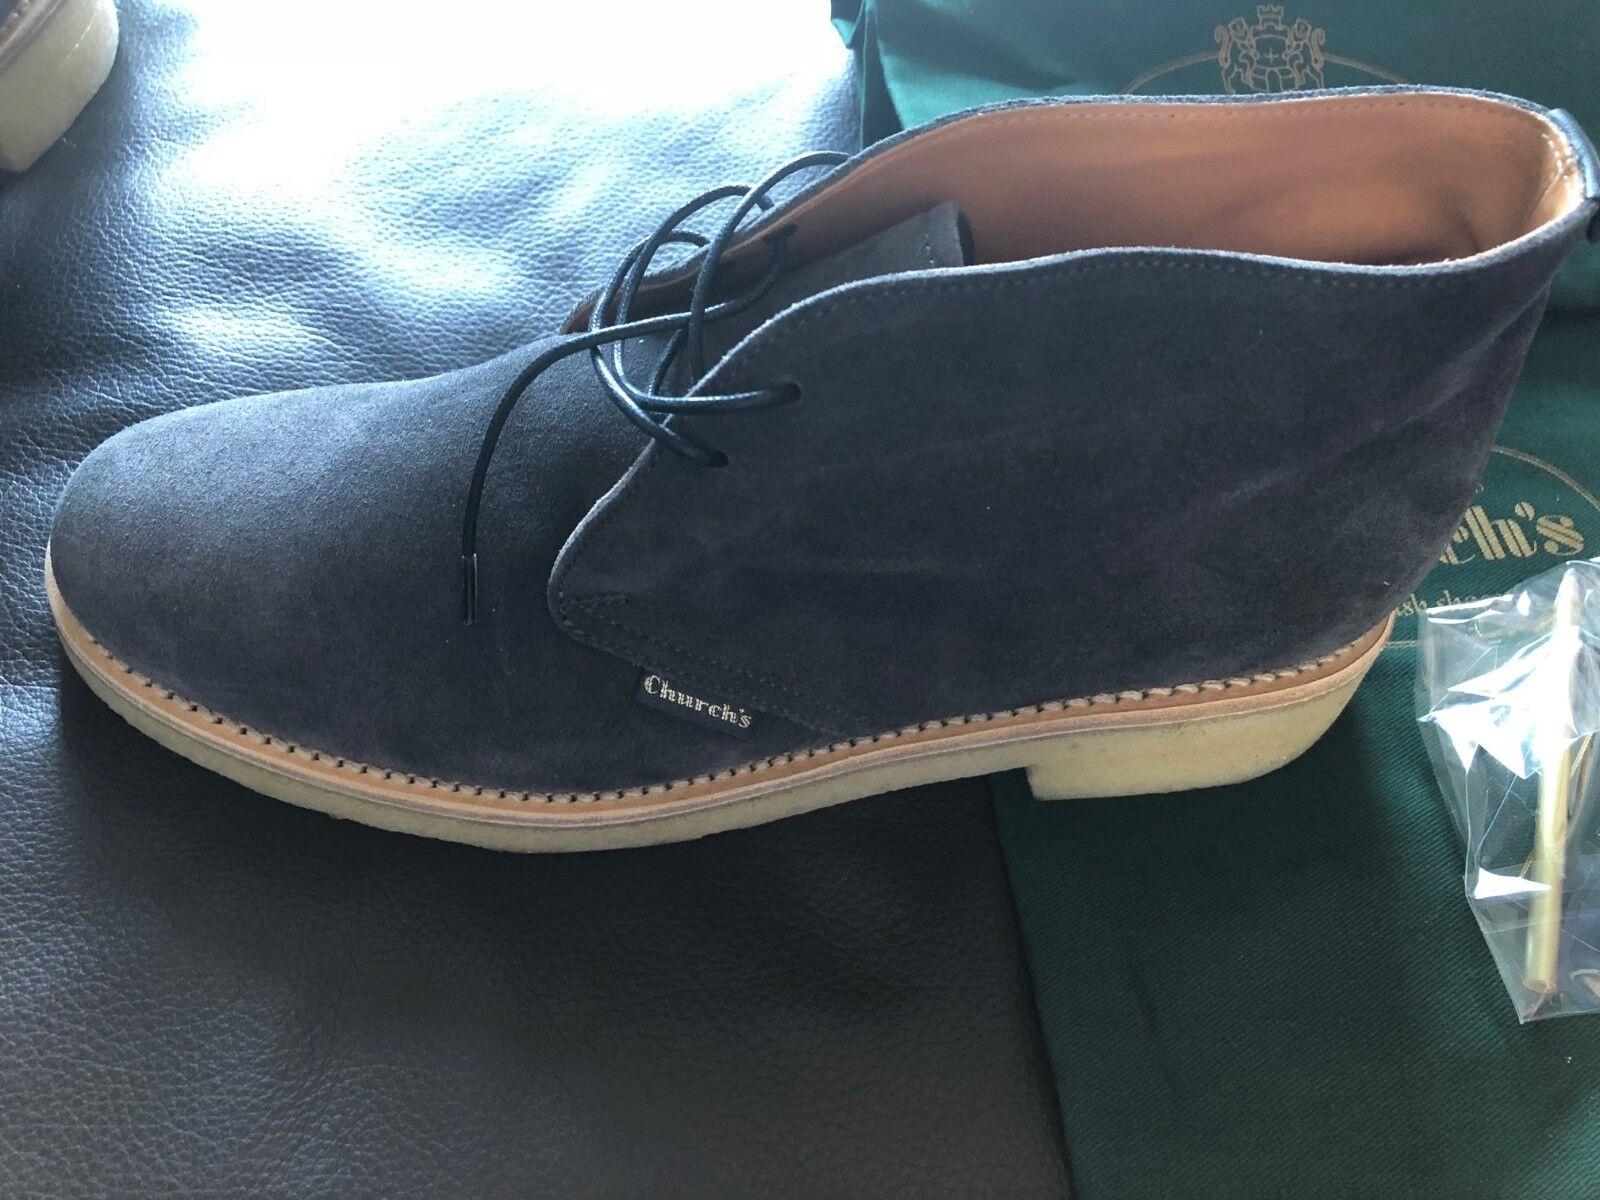 Church's Schuhe, Desert Stiefel für Damen, Ungetragen, Größe 38, Dunkelgrau